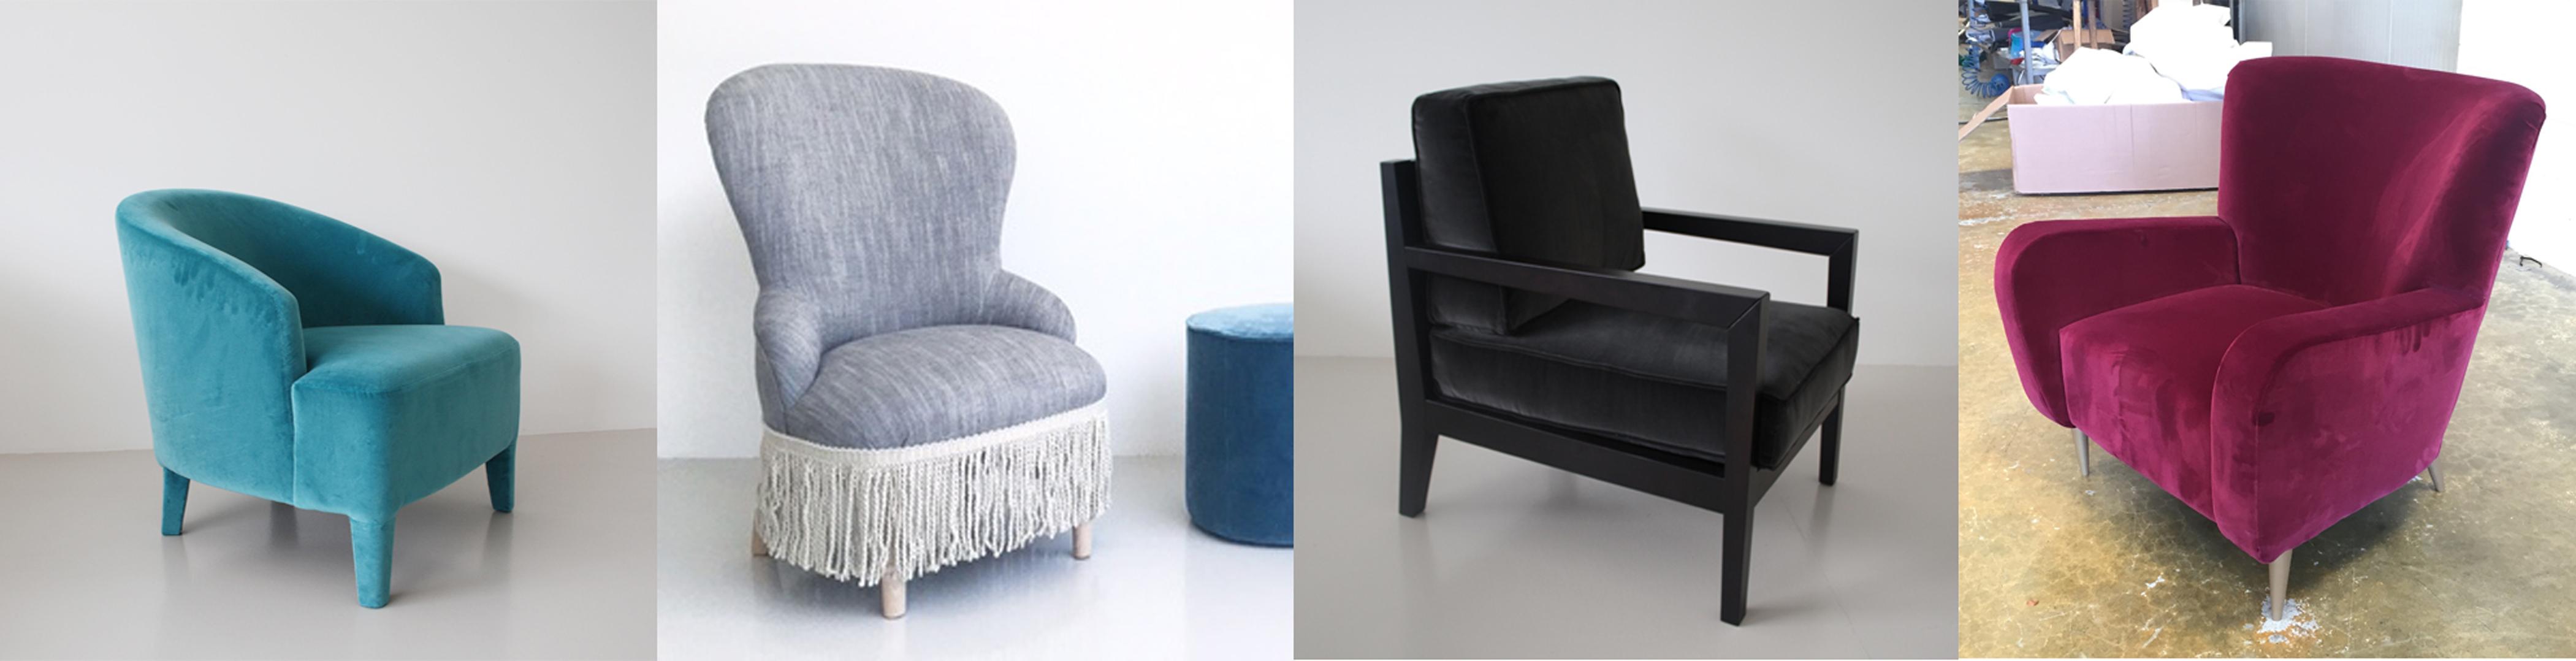 Sedie e poltrone blog arredamento divani letti poltrone for Sedie e poltrone